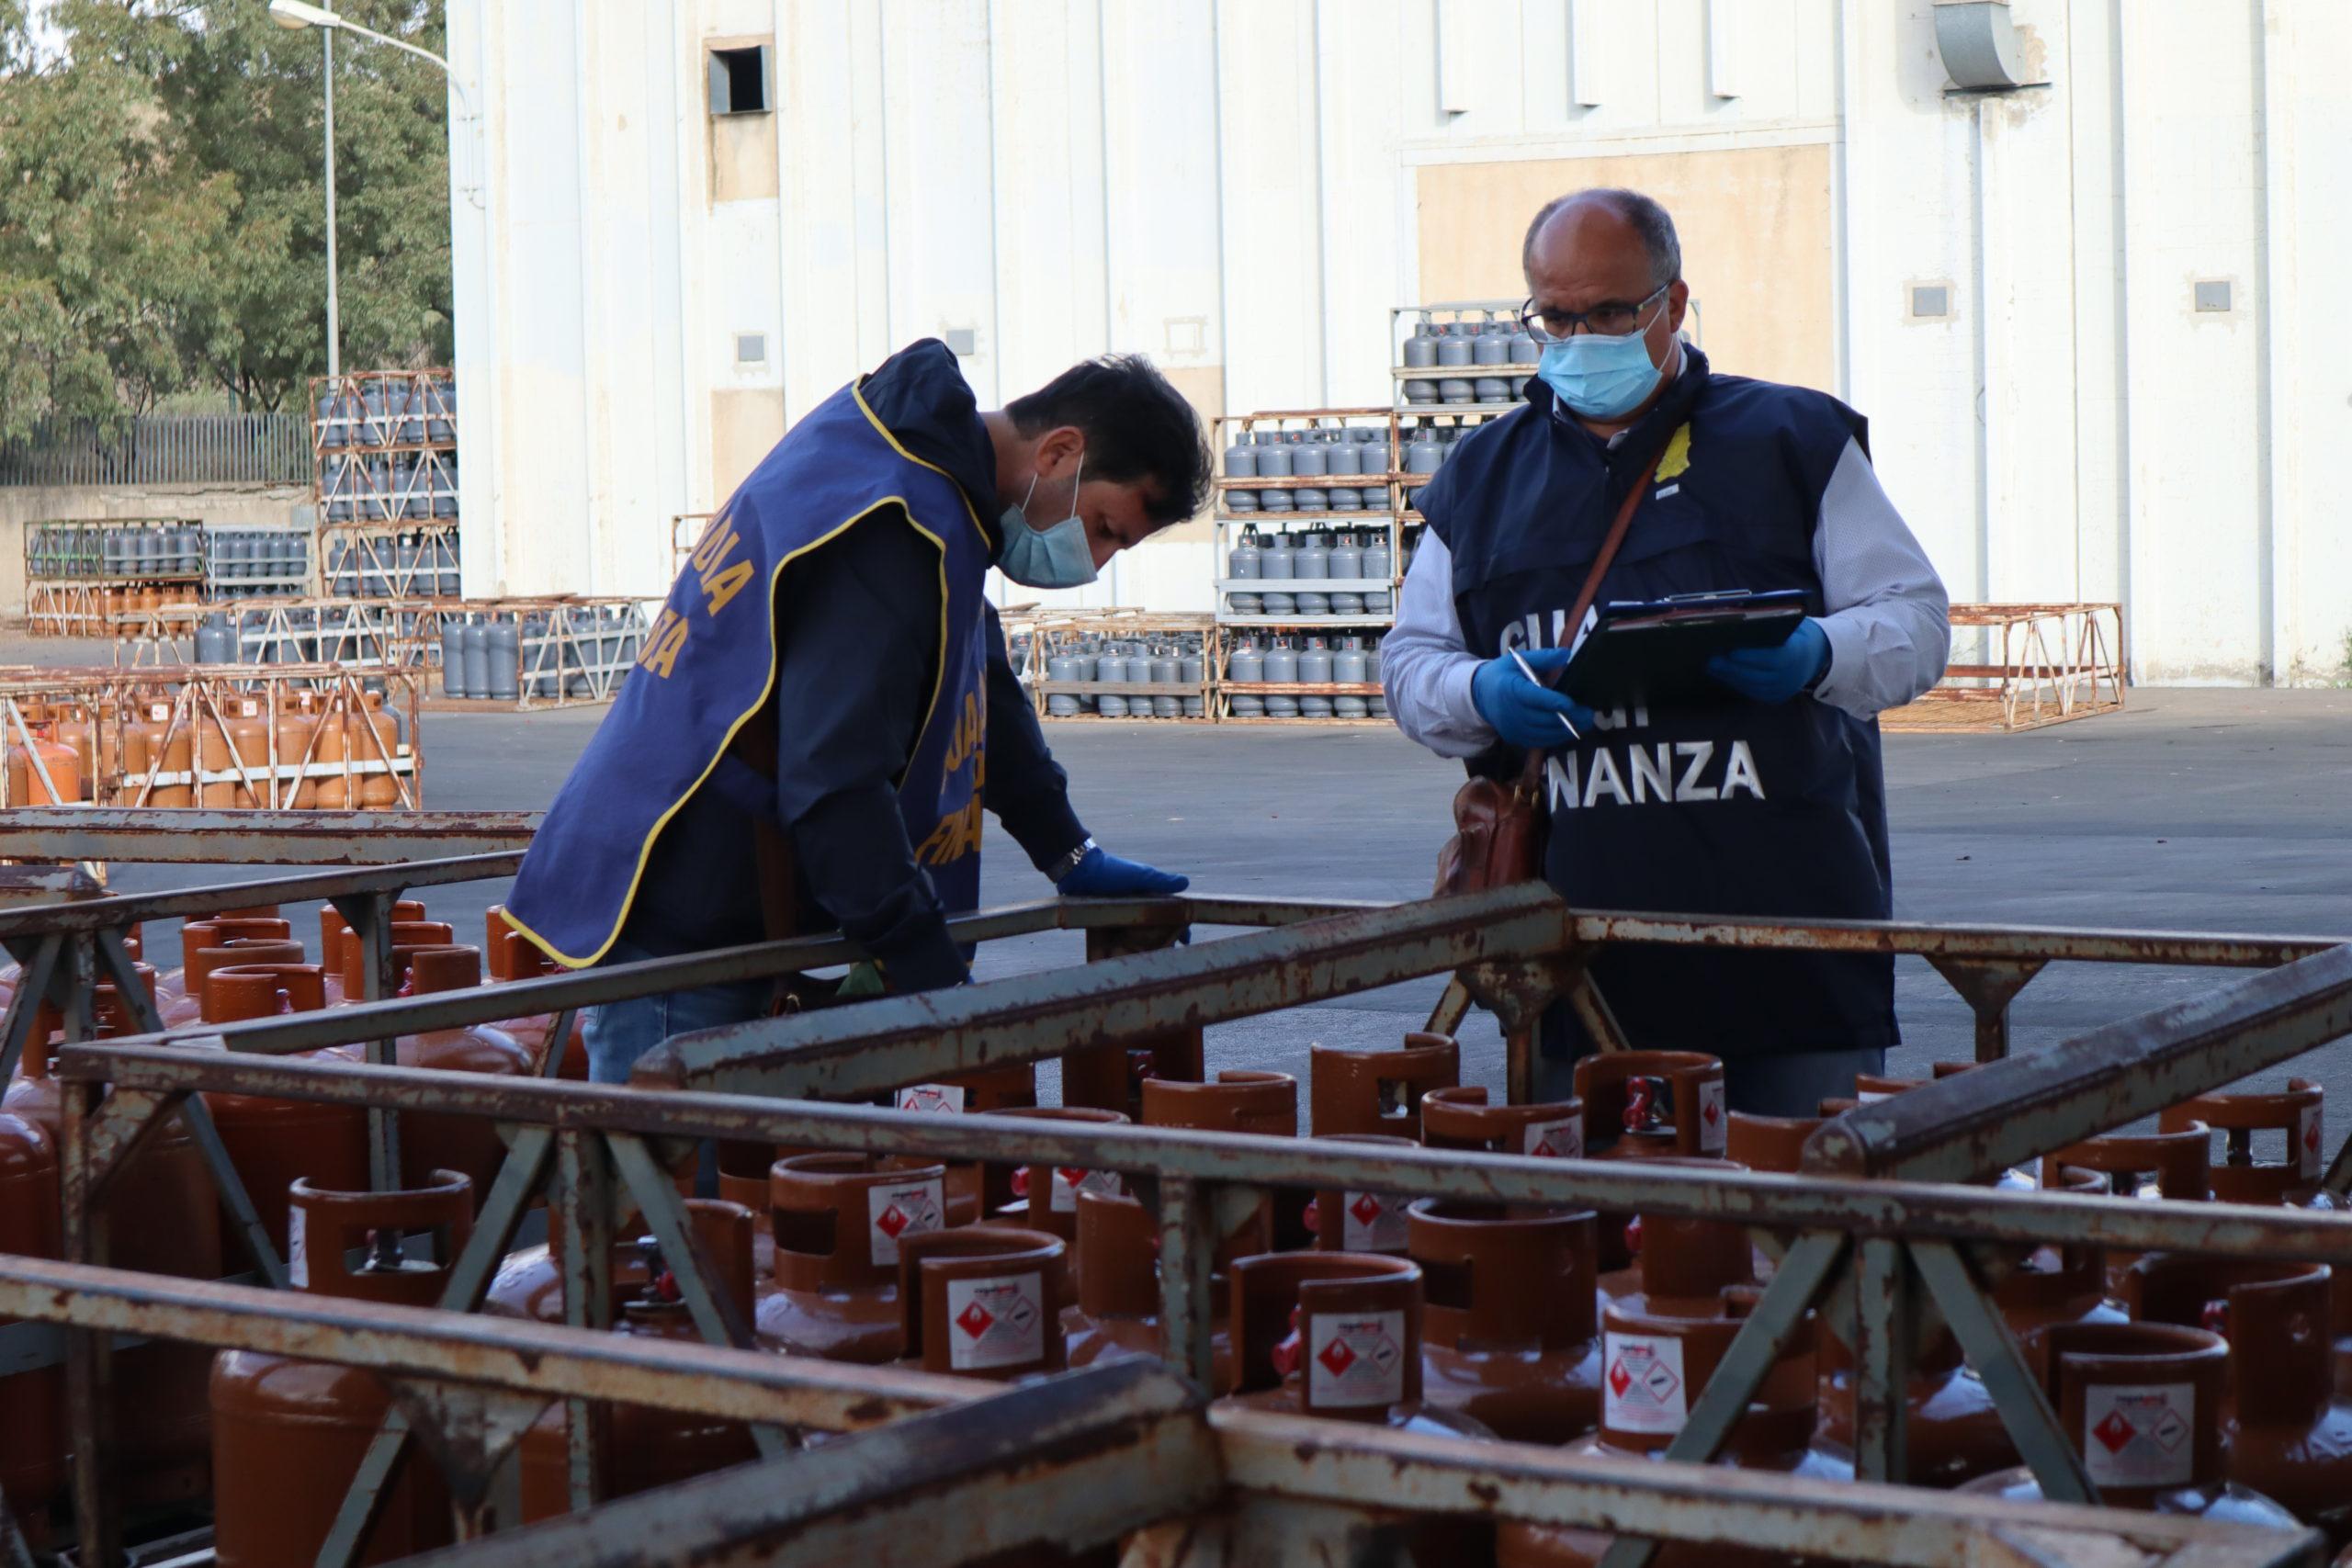 """Operazione """"Fuga di gas"""", frode in commercio: sequestrate oltre 15mila bombole. Denunciati due catanesi"""